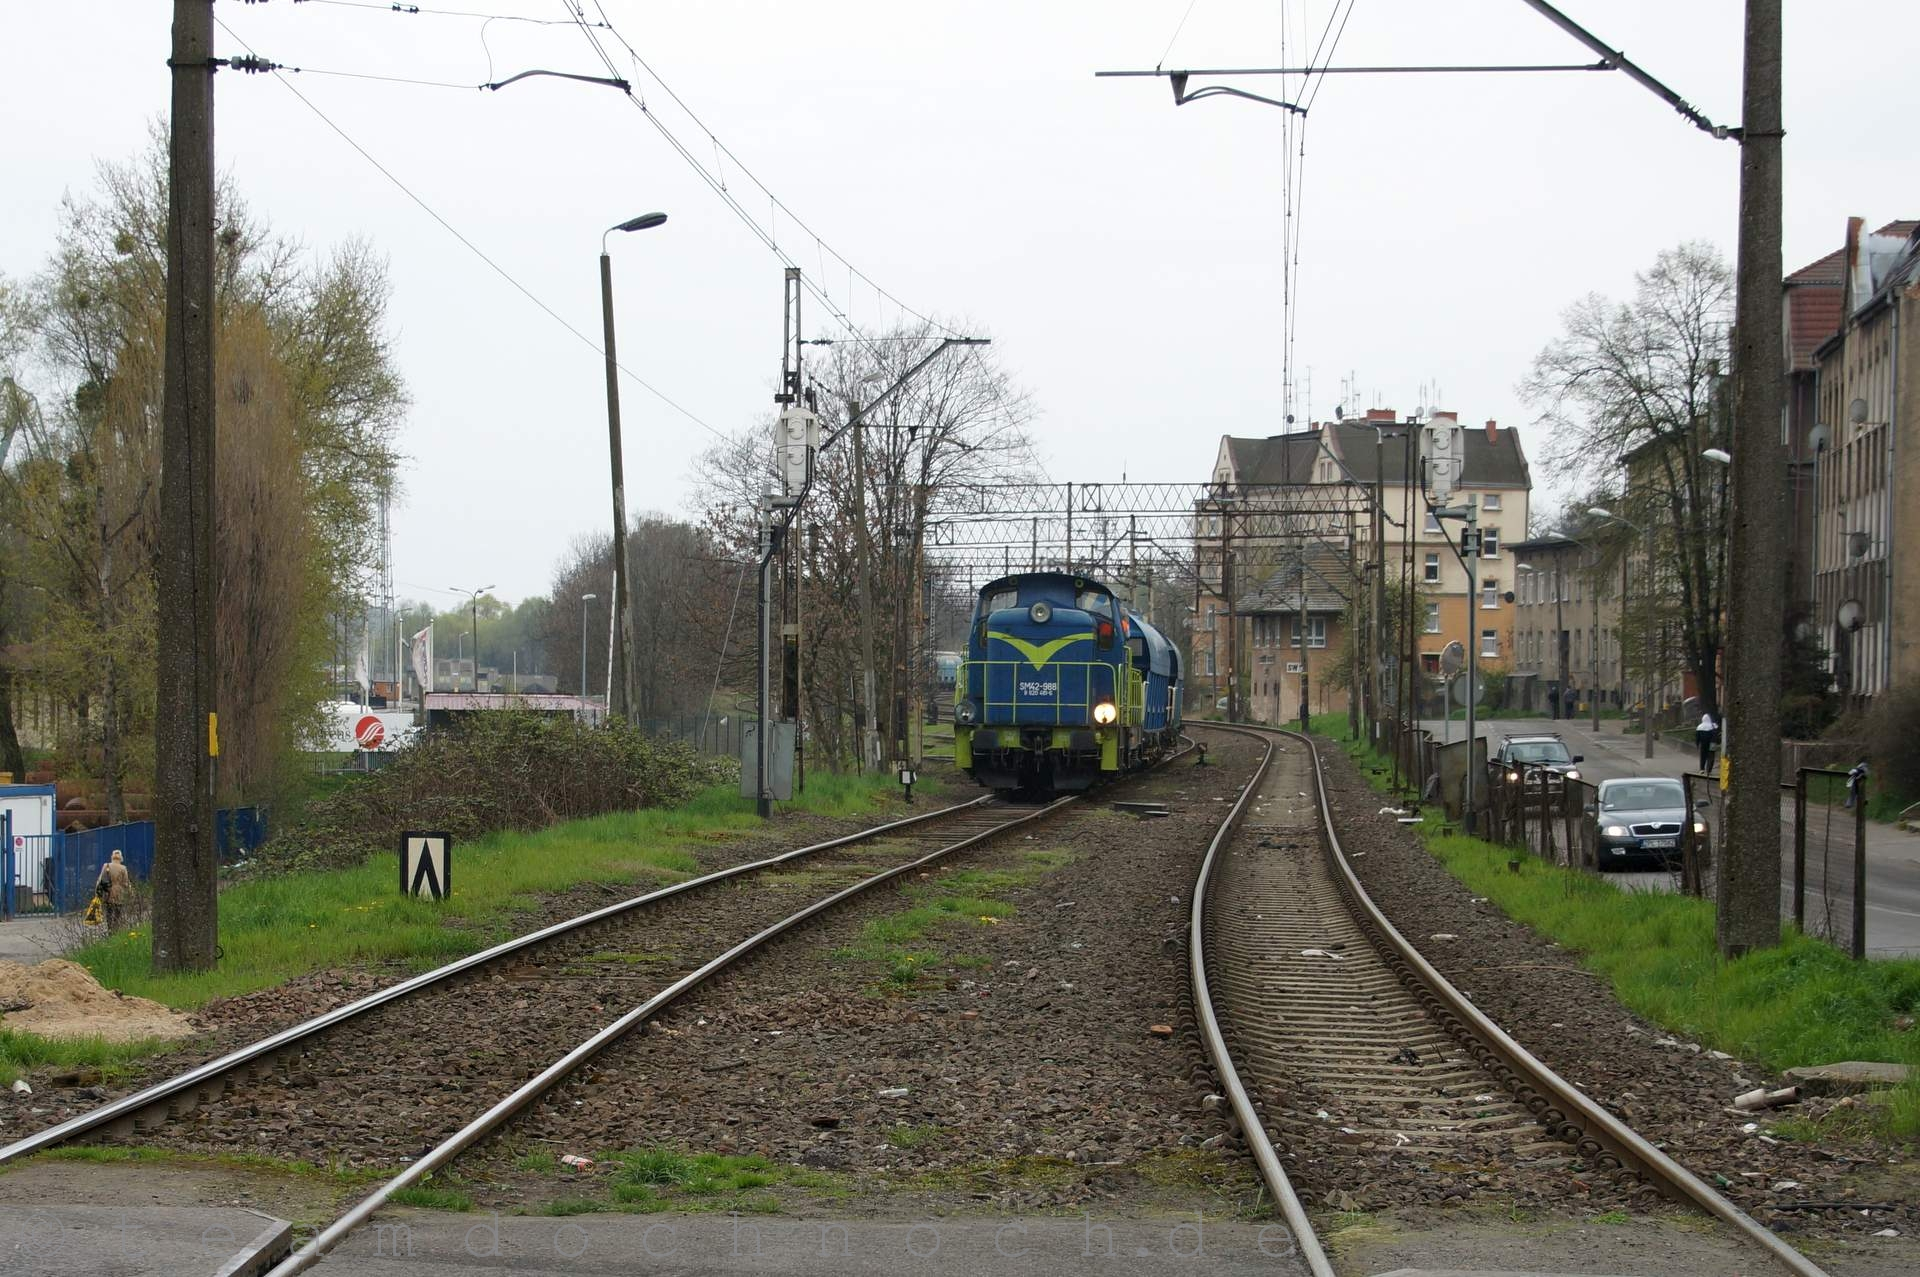 SM42-988 rangiert im Bahnhof Szczecin Krasnica